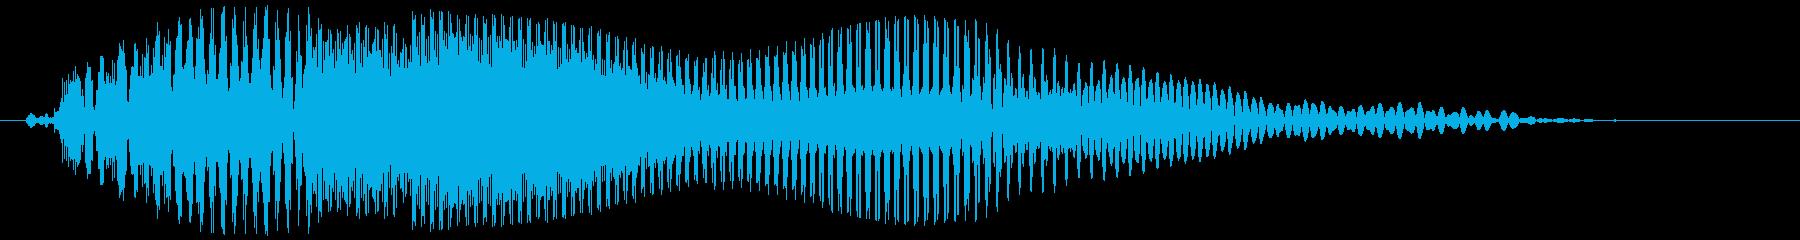 アメリカ人 女声 「Oh!(オゥ!)」の再生済みの波形